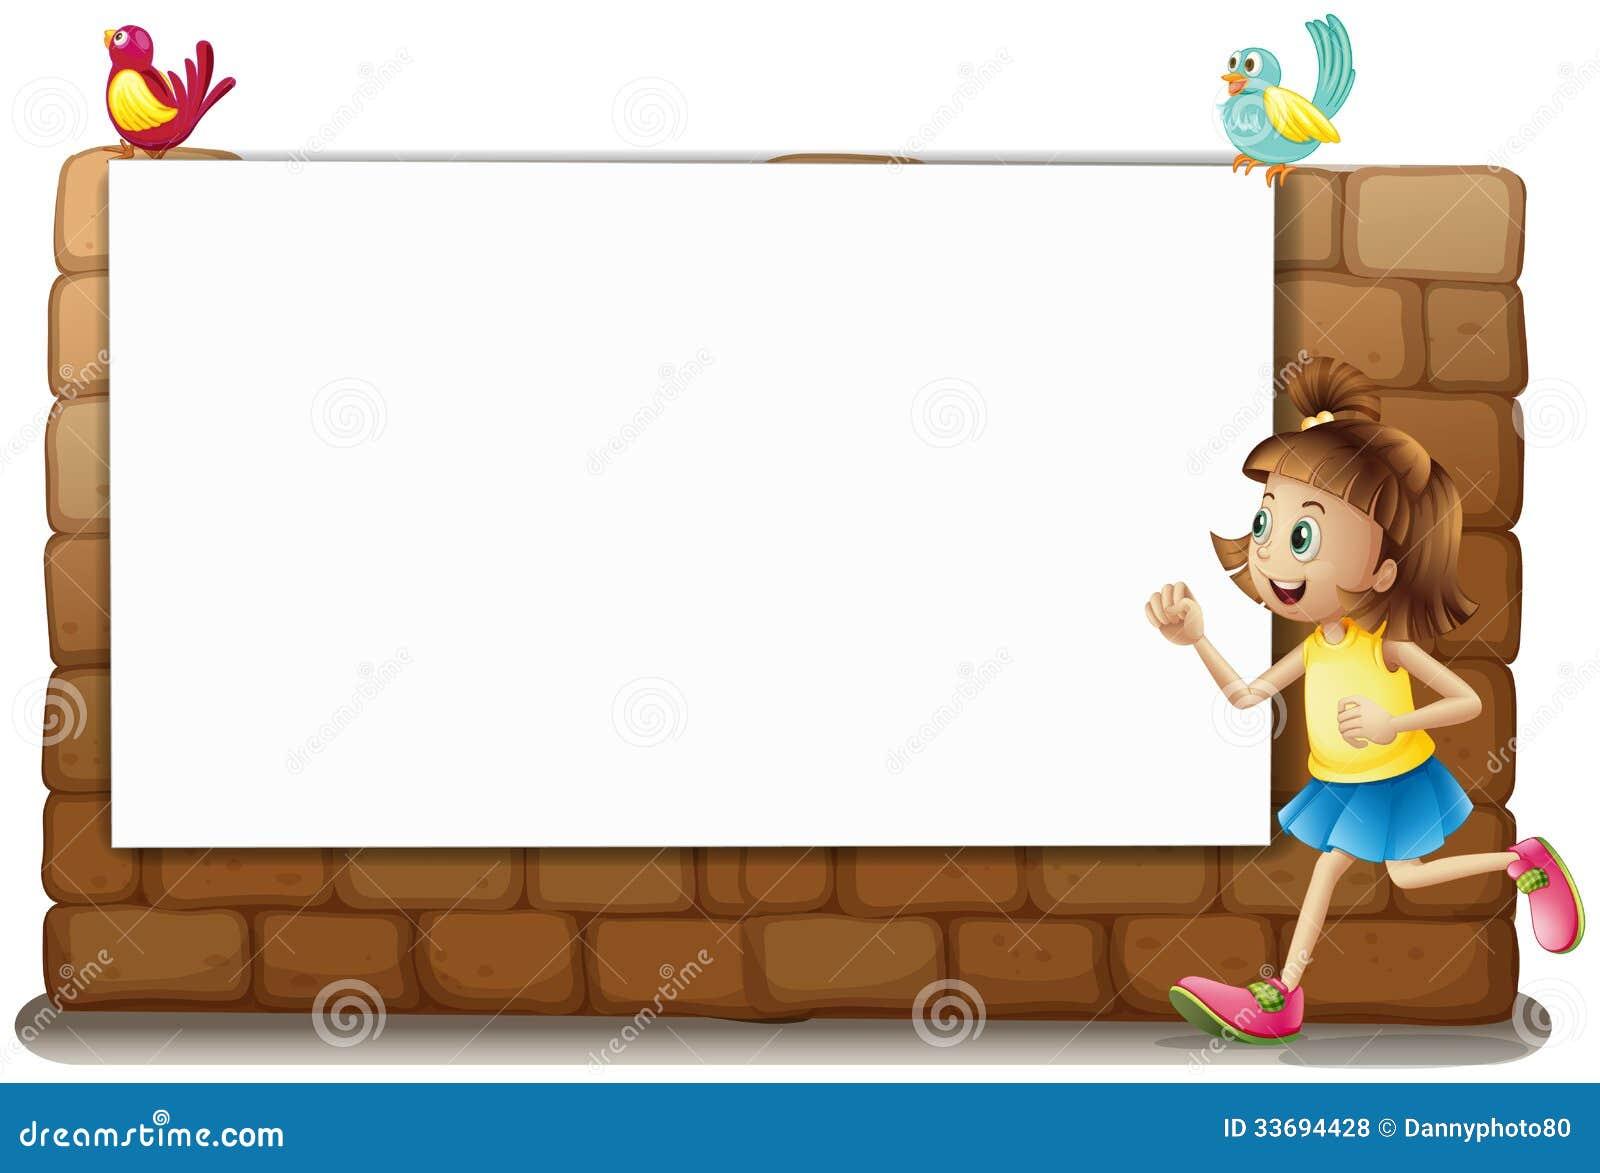 一个白板,女孩和鸟图片